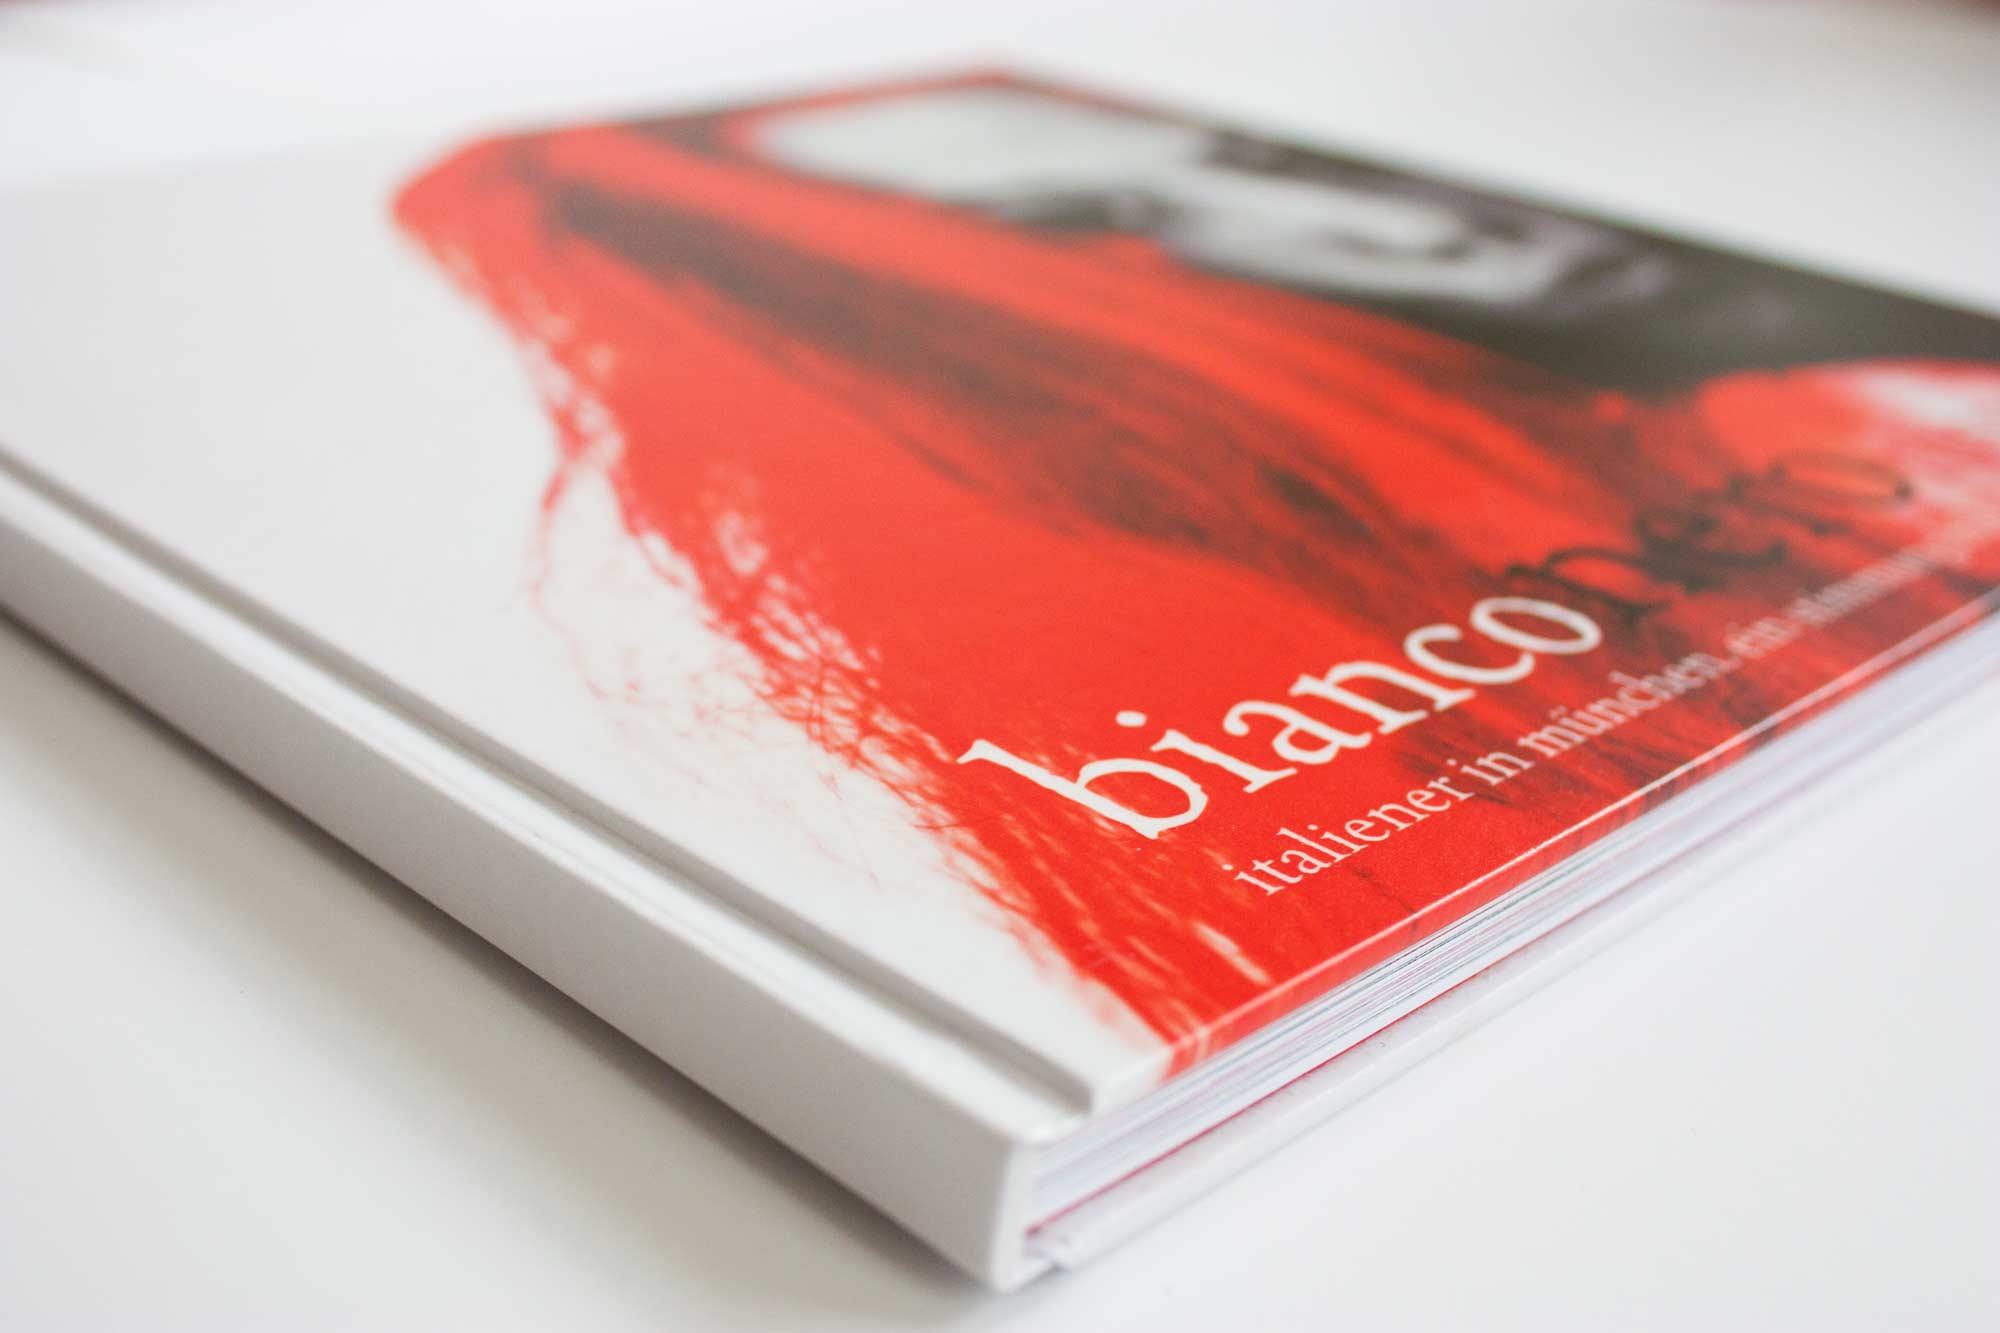 Buchcover mit bearbeiteter Fotografie